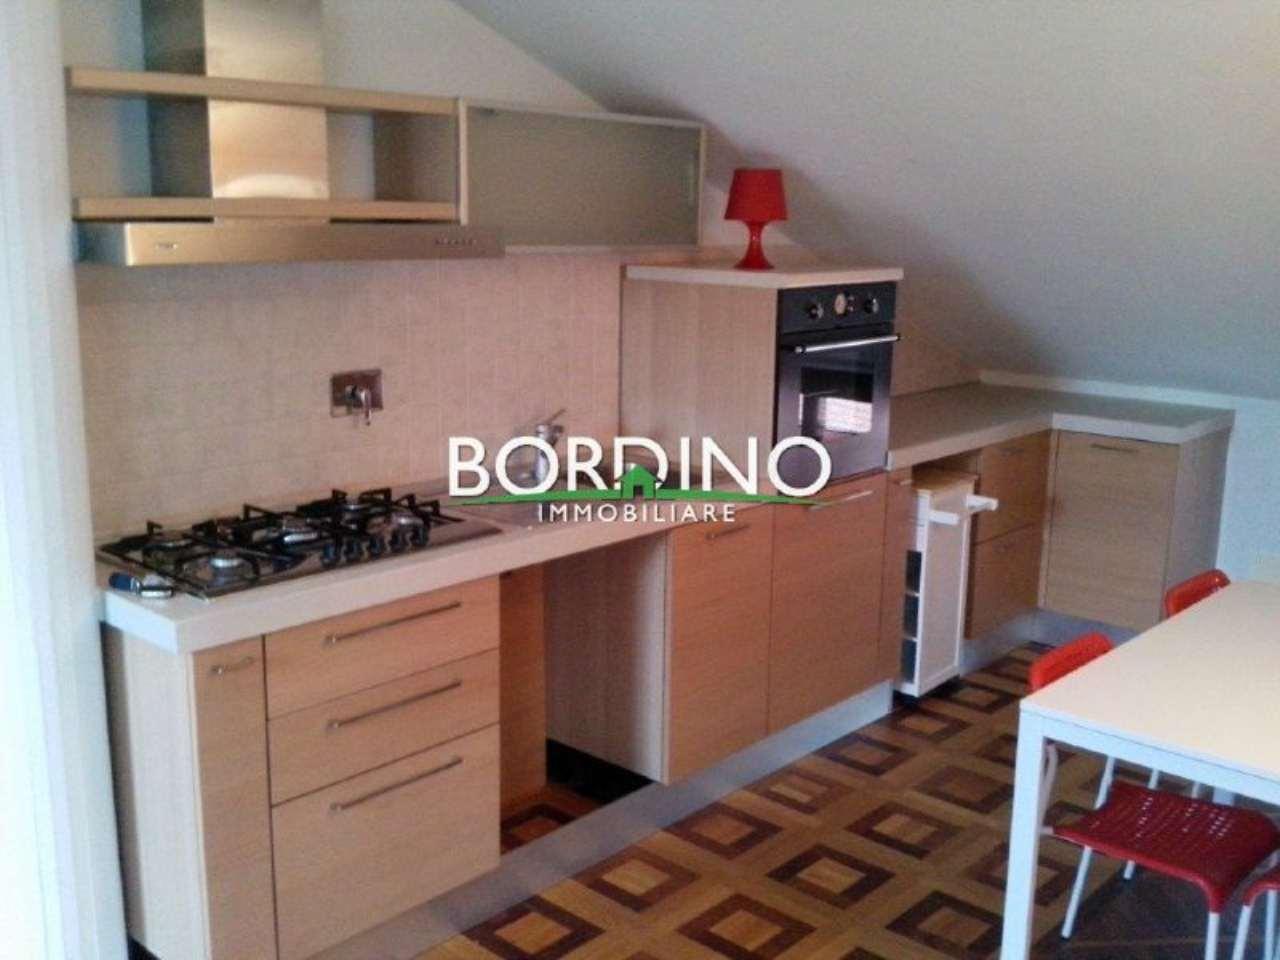 Attico / Mansarda in affitto a Costigliole d'Asti, 4 locali, prezzo € 380 | CambioCasa.it